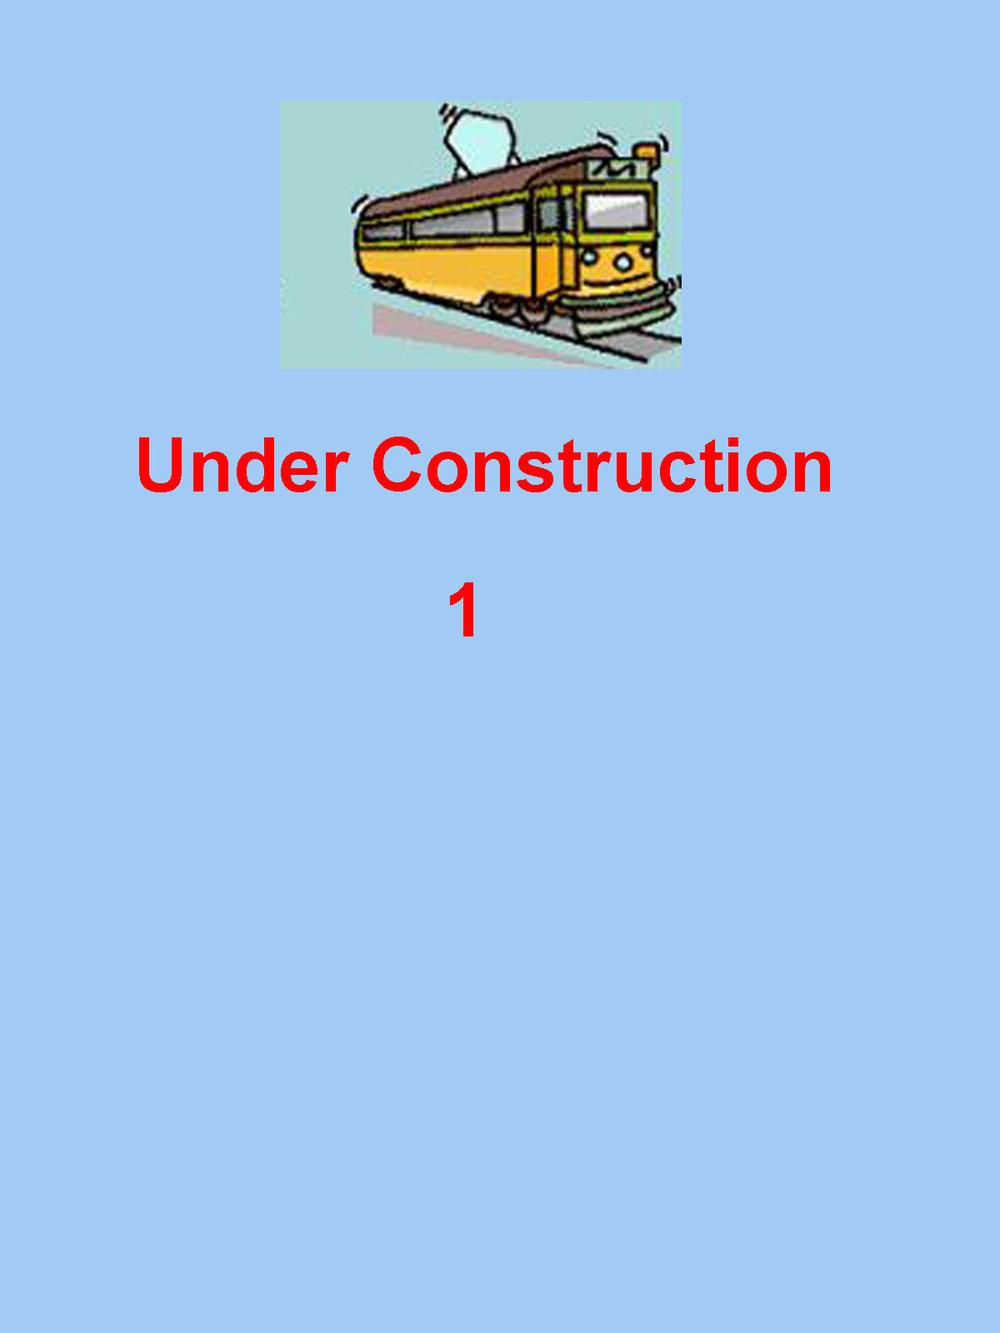 Under Construction 1.jpg